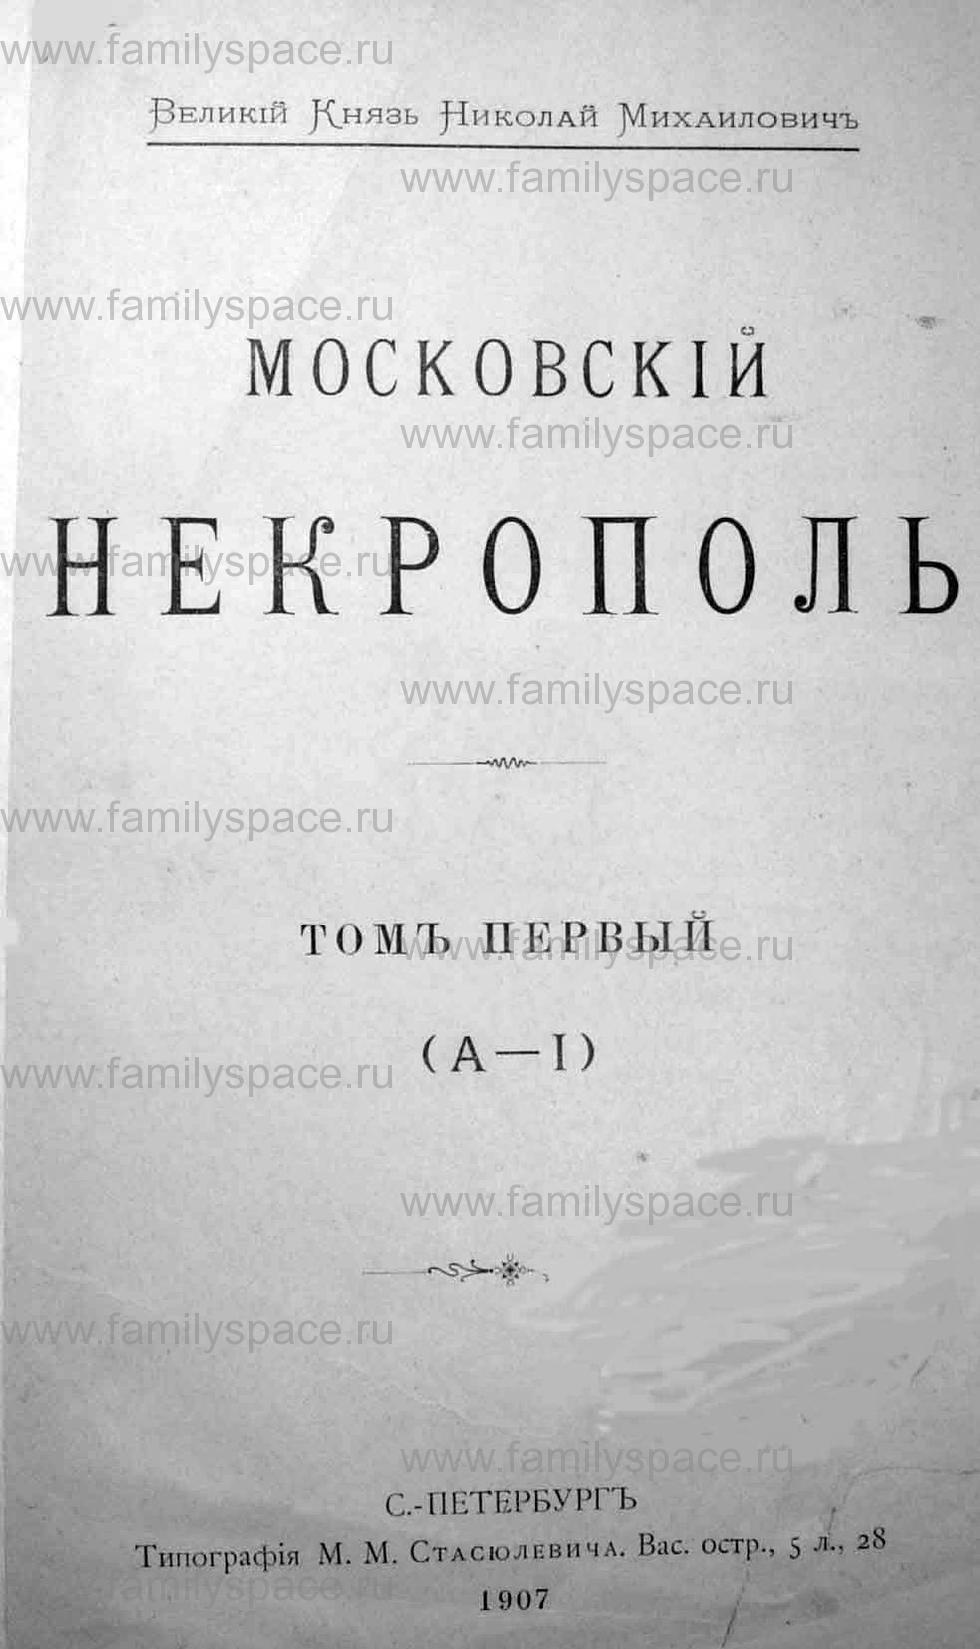 Поиск по фамилии - Московский некрополь, т.1, 1907 г., страница 1001